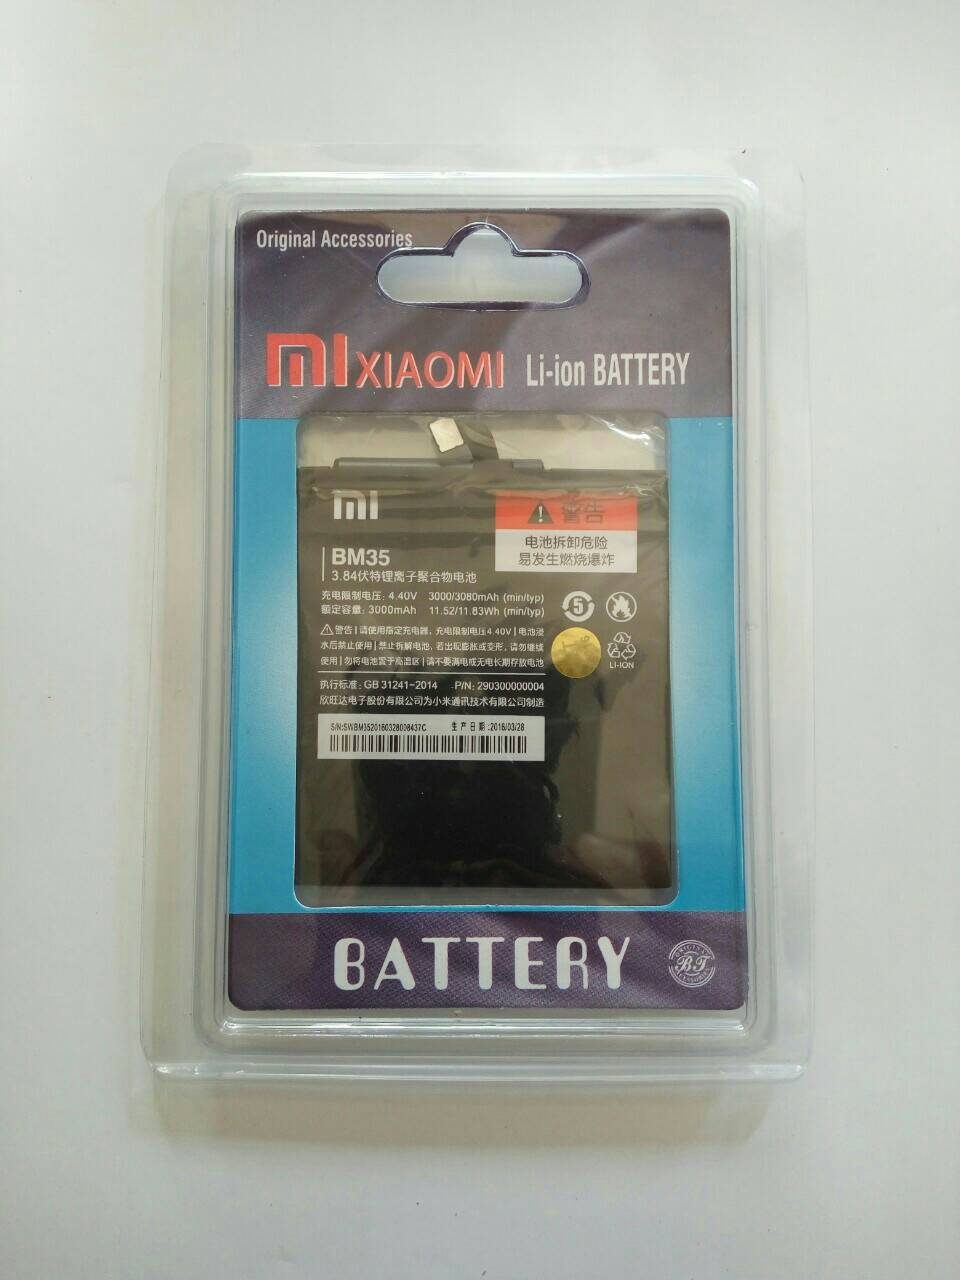 Jual Baterai Batre Bm35 For Xiaomi Mi4c Fahir Battery Original Aien Acc Tokopedia